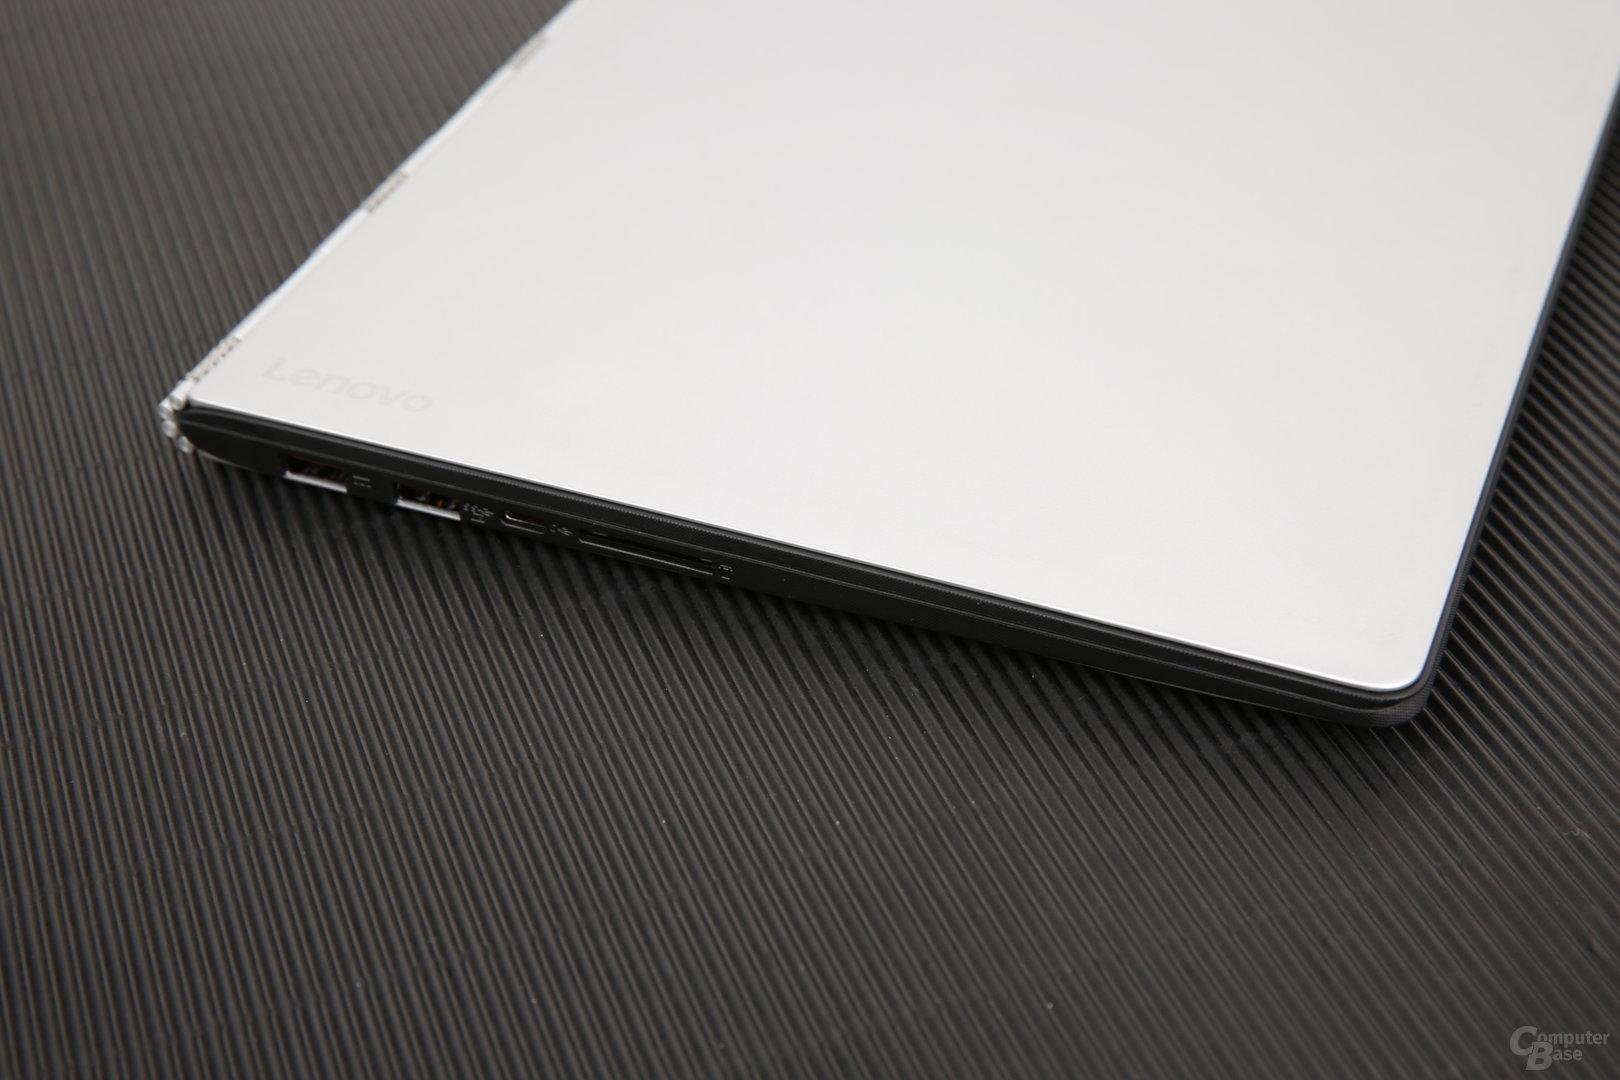 Das Yoga 900 kommt mit UBS 3.1-Type C